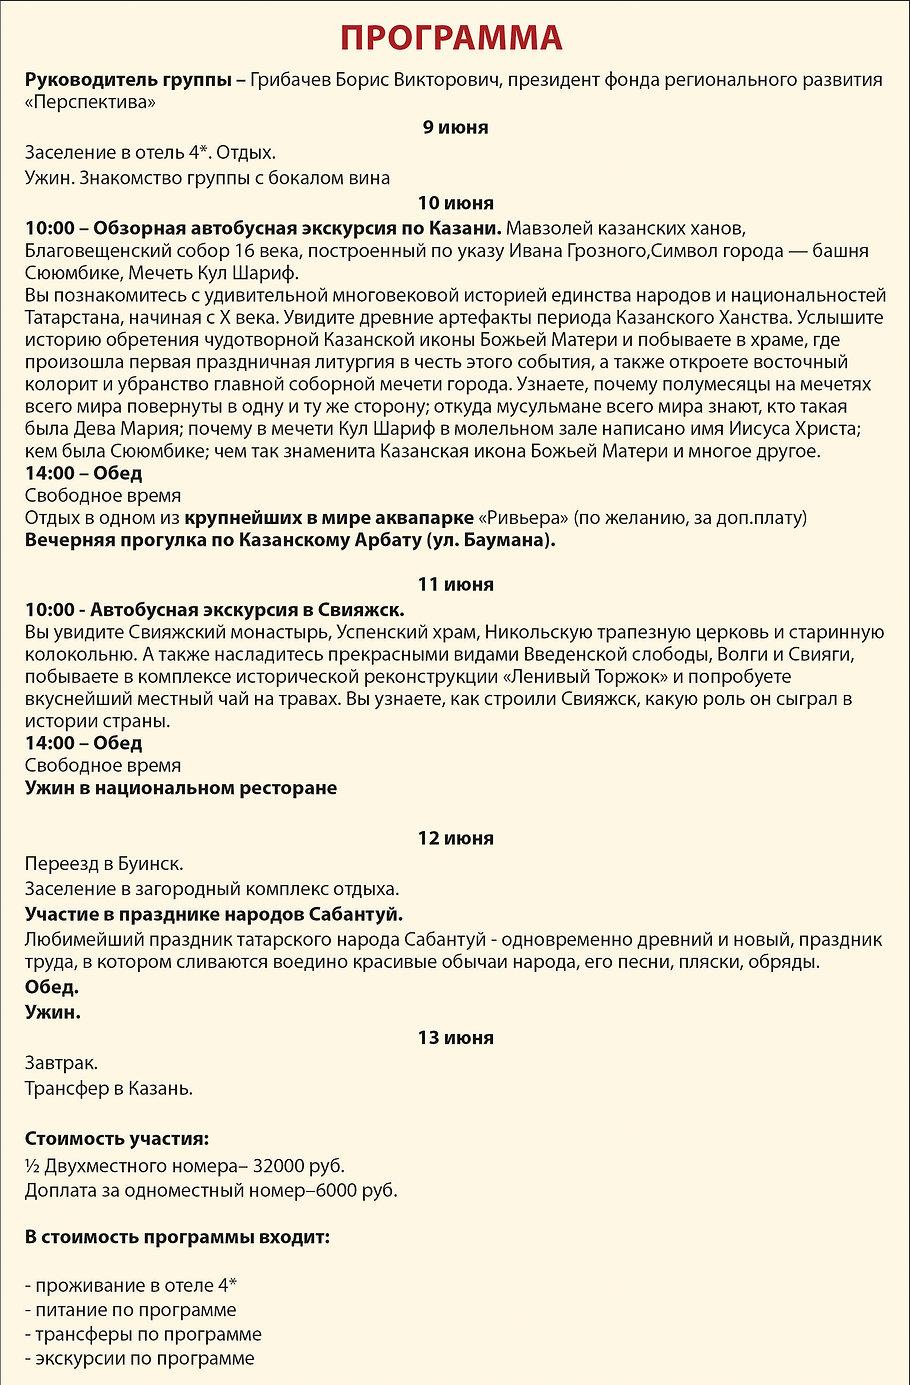 Казань программа.jpg